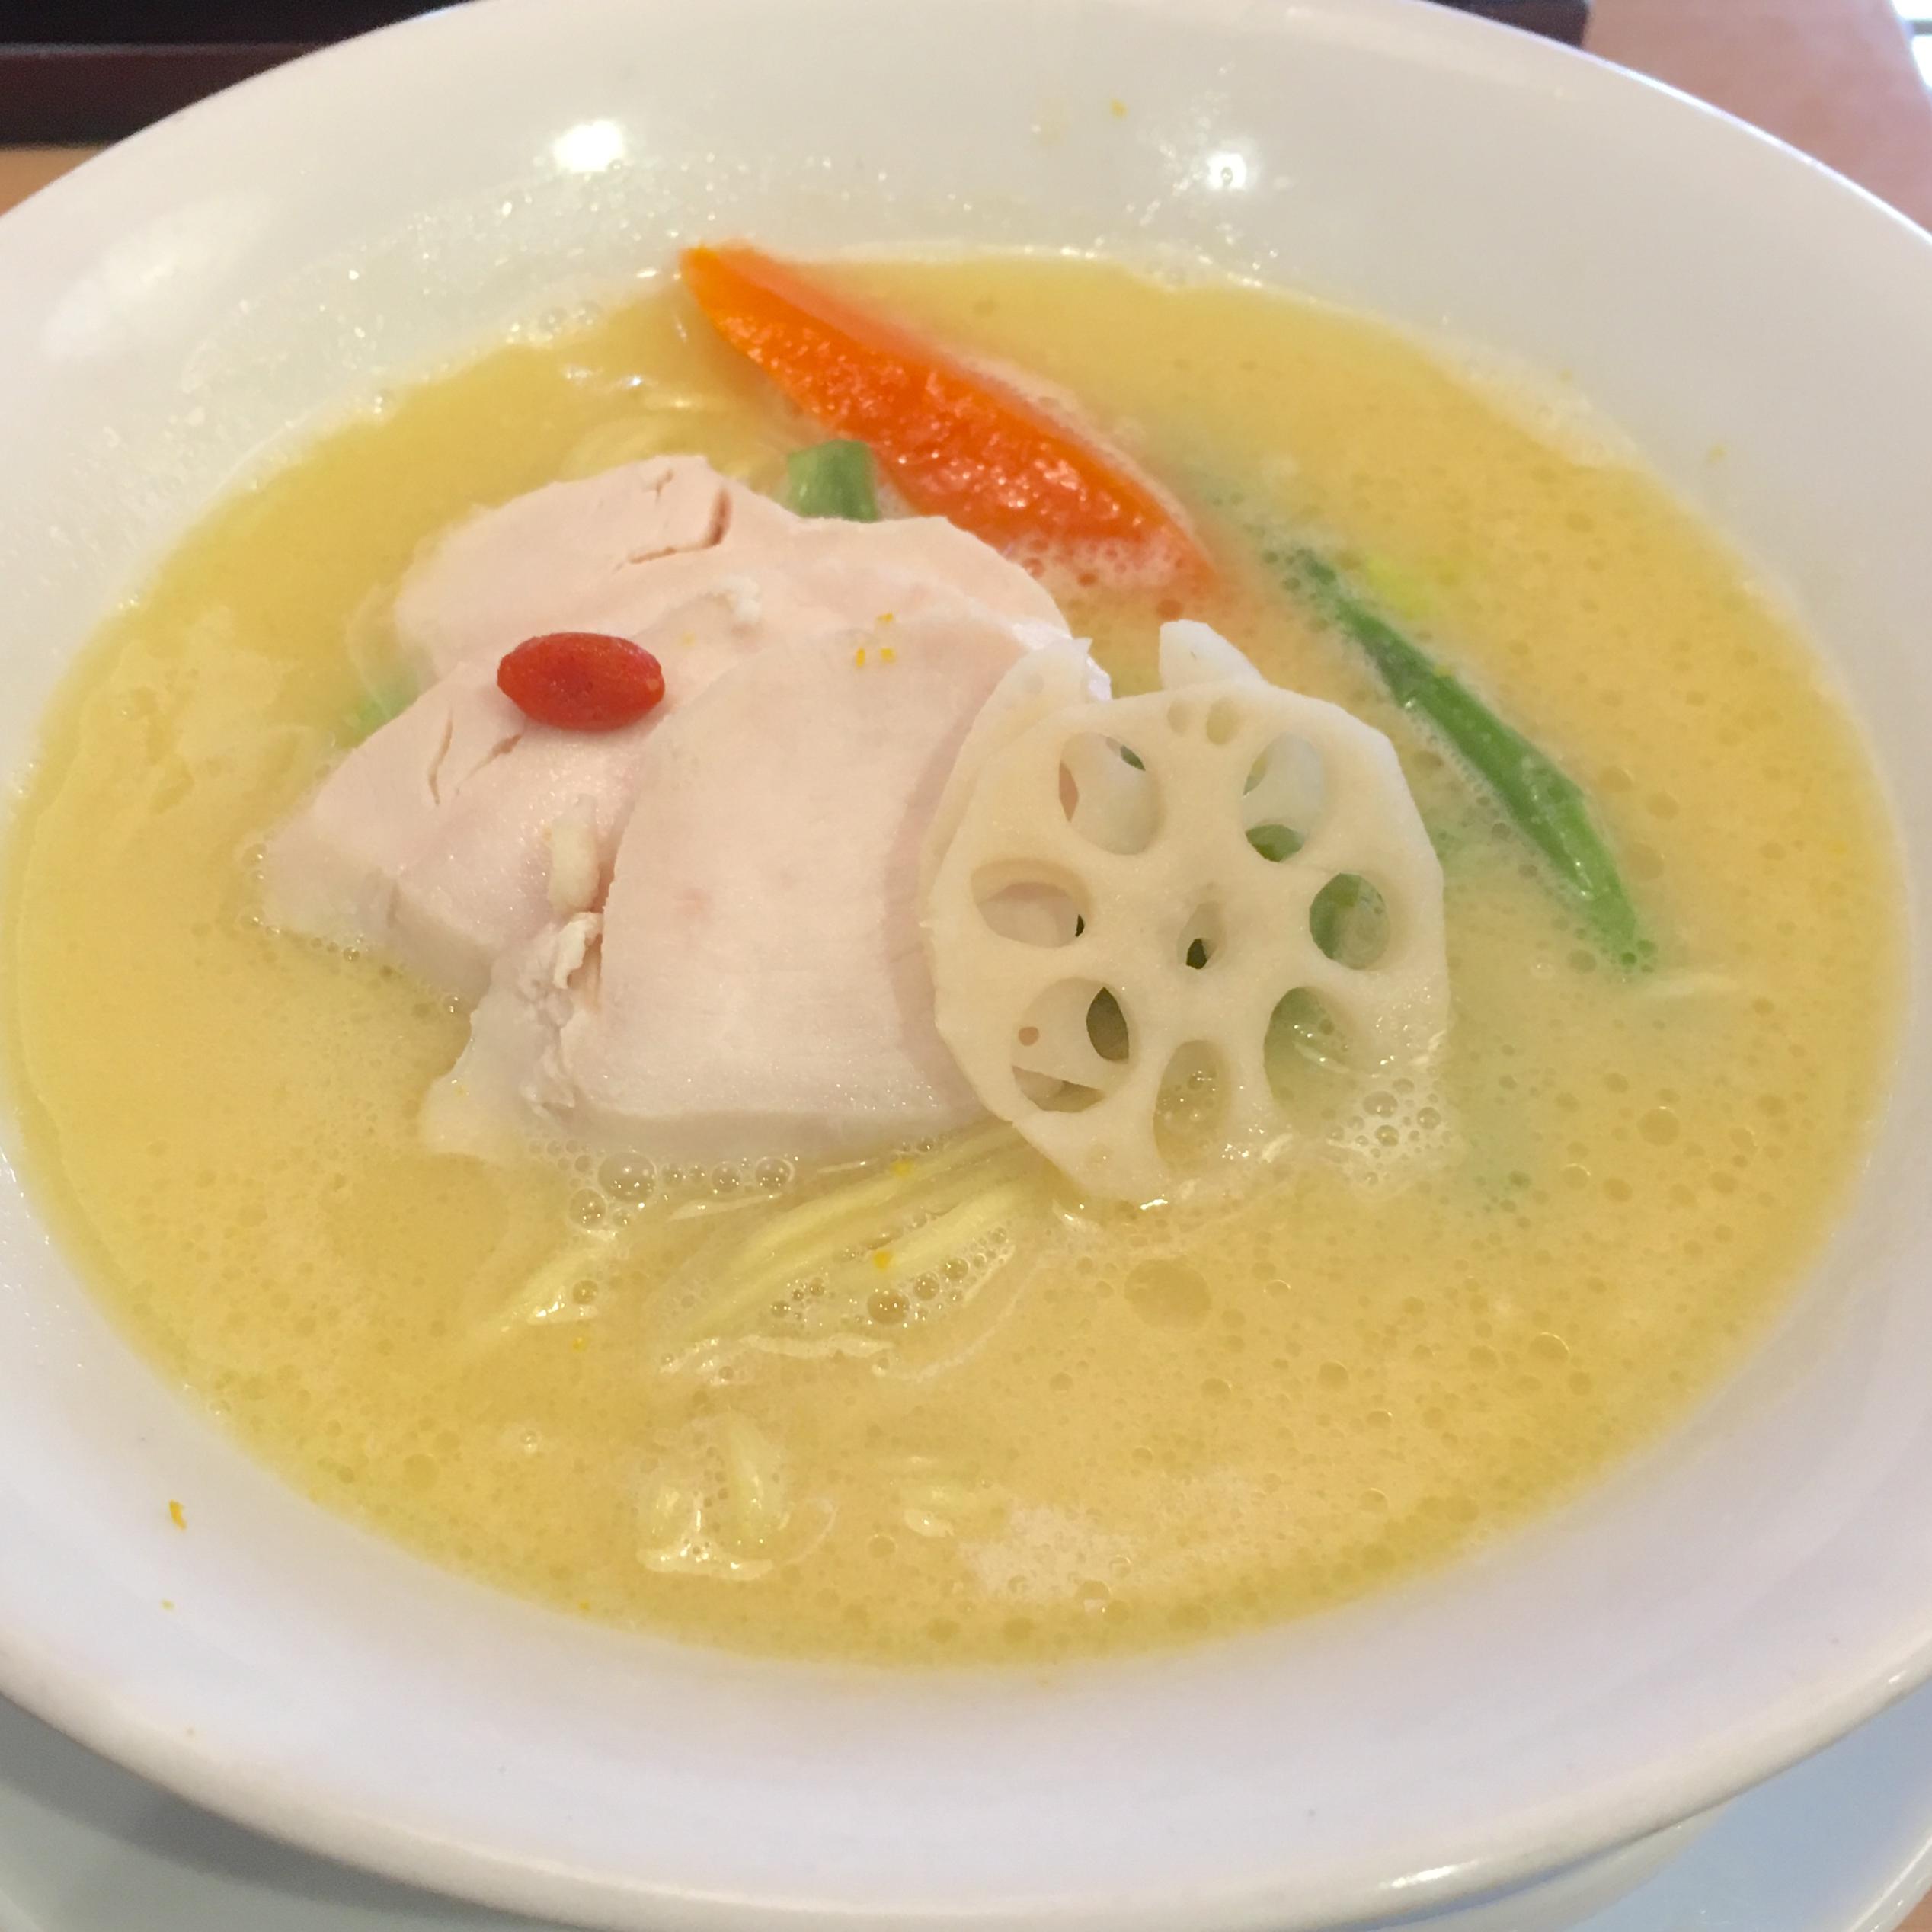 【銀座篝アトレ浦和】親子丼もうまい鶏白湯ラーメン屋はここだ!